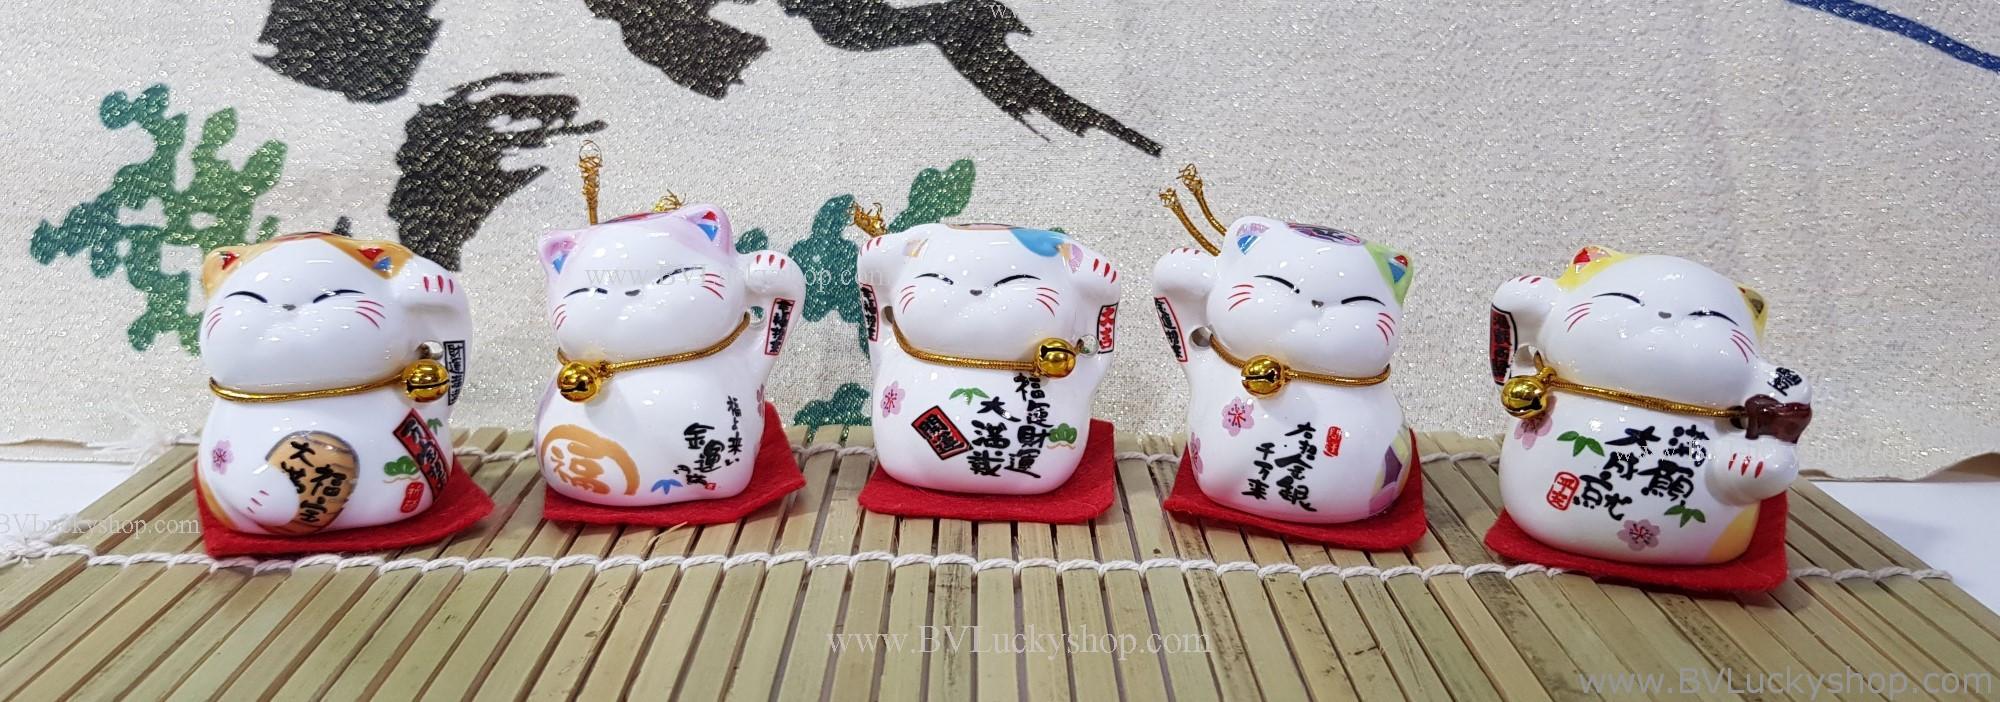 แมวกวัก แมวนำโชค สูง1.5นิ้ว ชุด 5 ตัว [catset-S6]